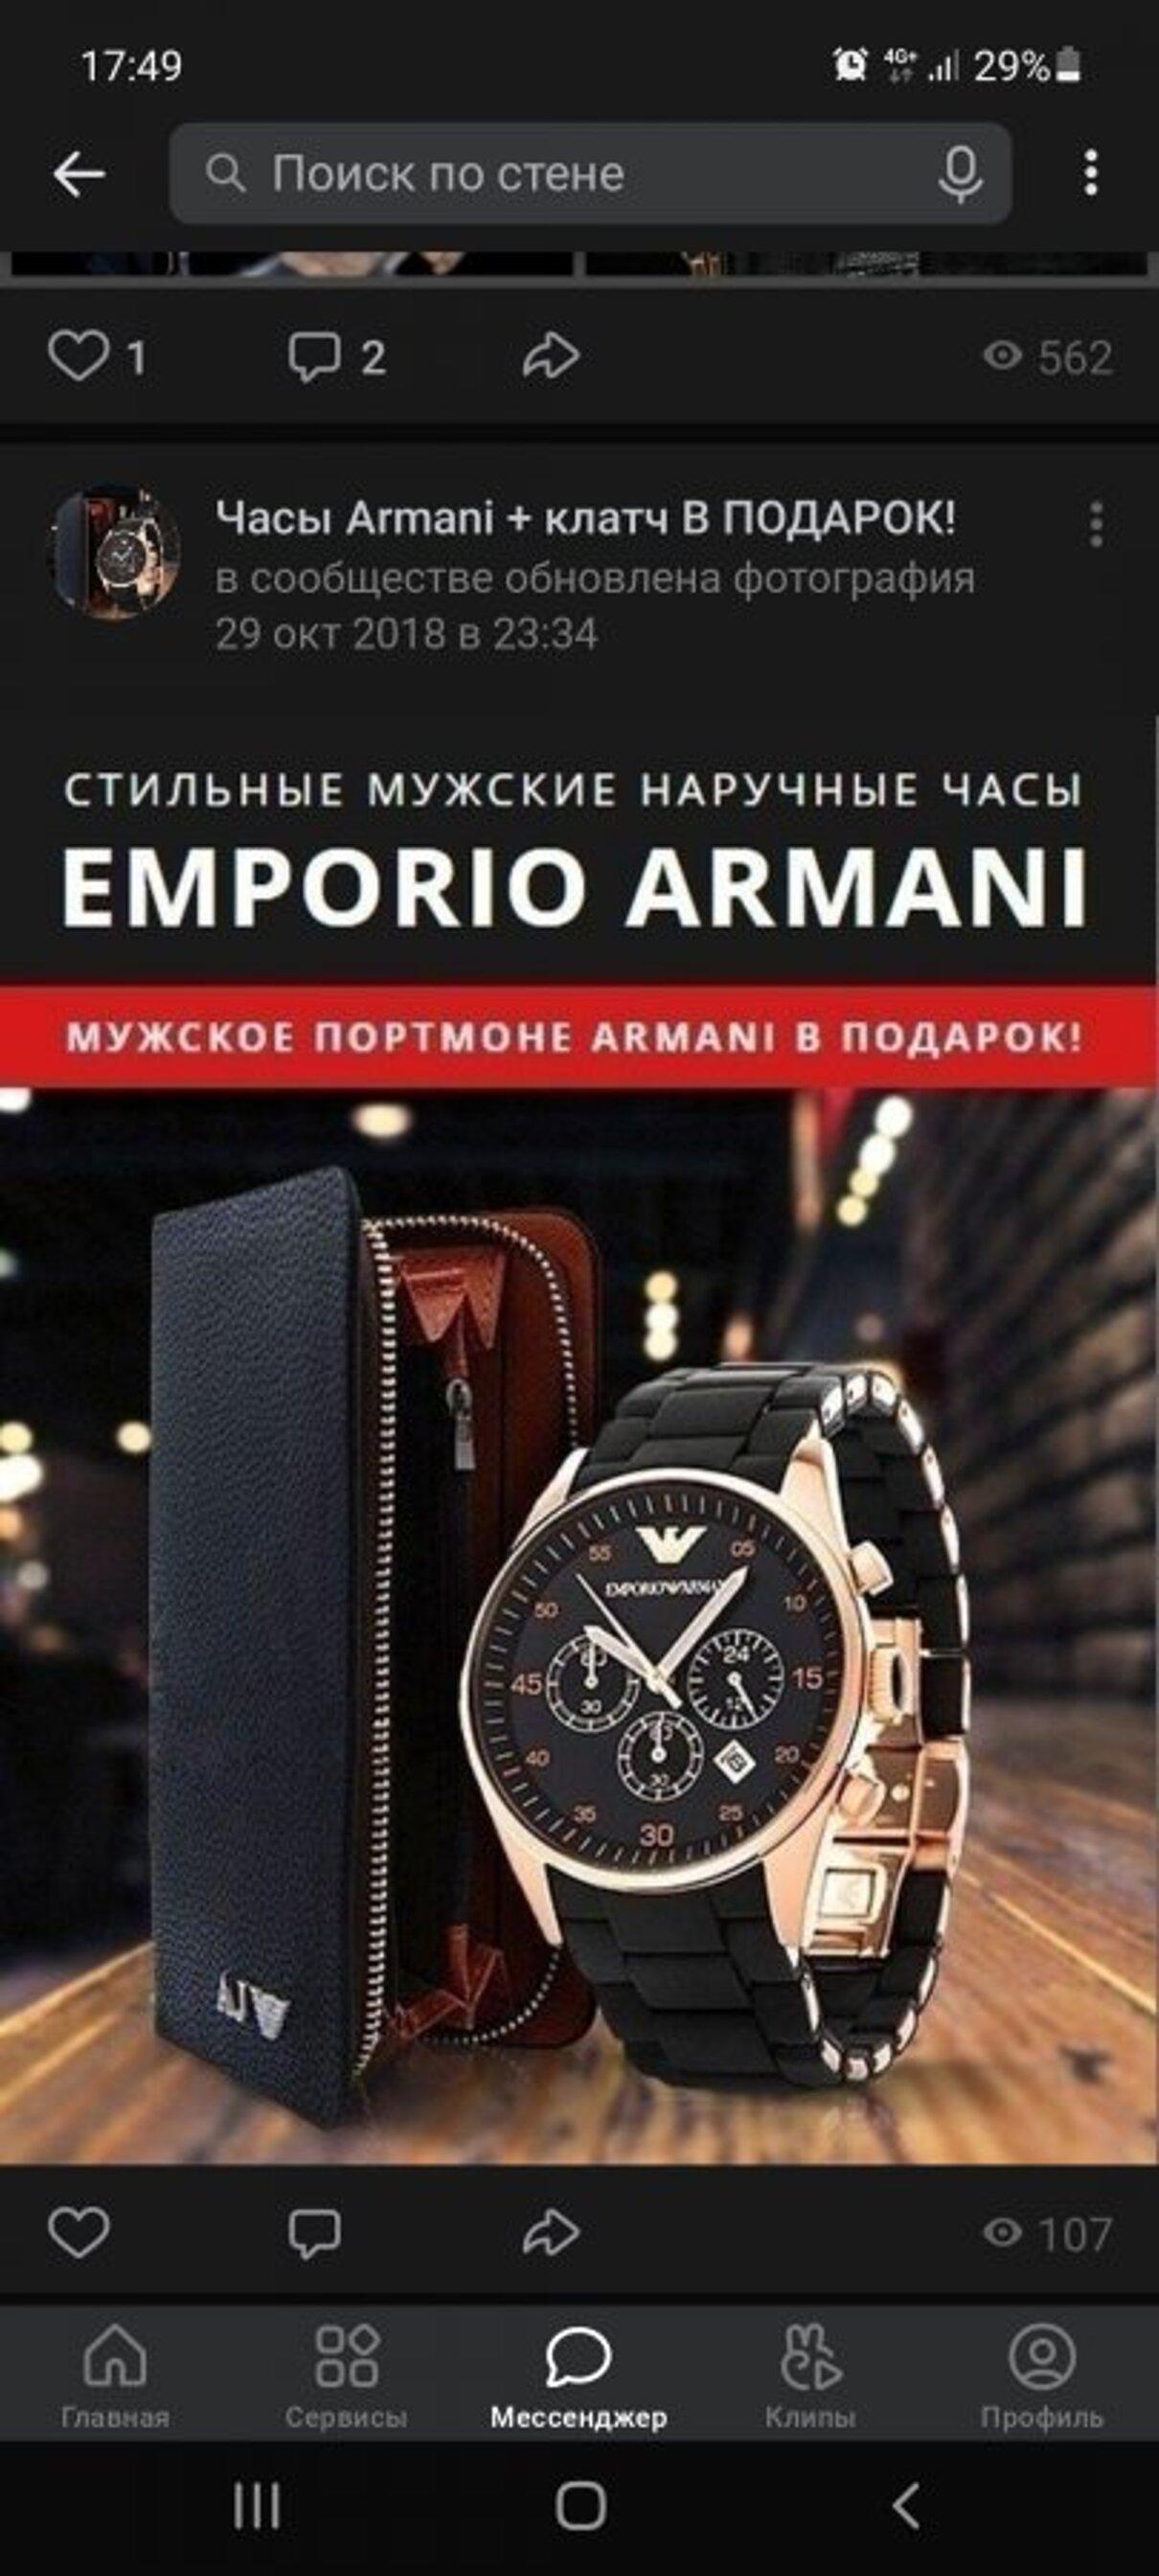 """Жалоба-отзыв: Ооо """"экспресс трейд""""(ооо экспресс трейд) 200961, Санкт-Петербург, А/Я 169. Часы Армани+Клатч в подарок - Не соответсвую тому что было на фото.  Фото №1"""